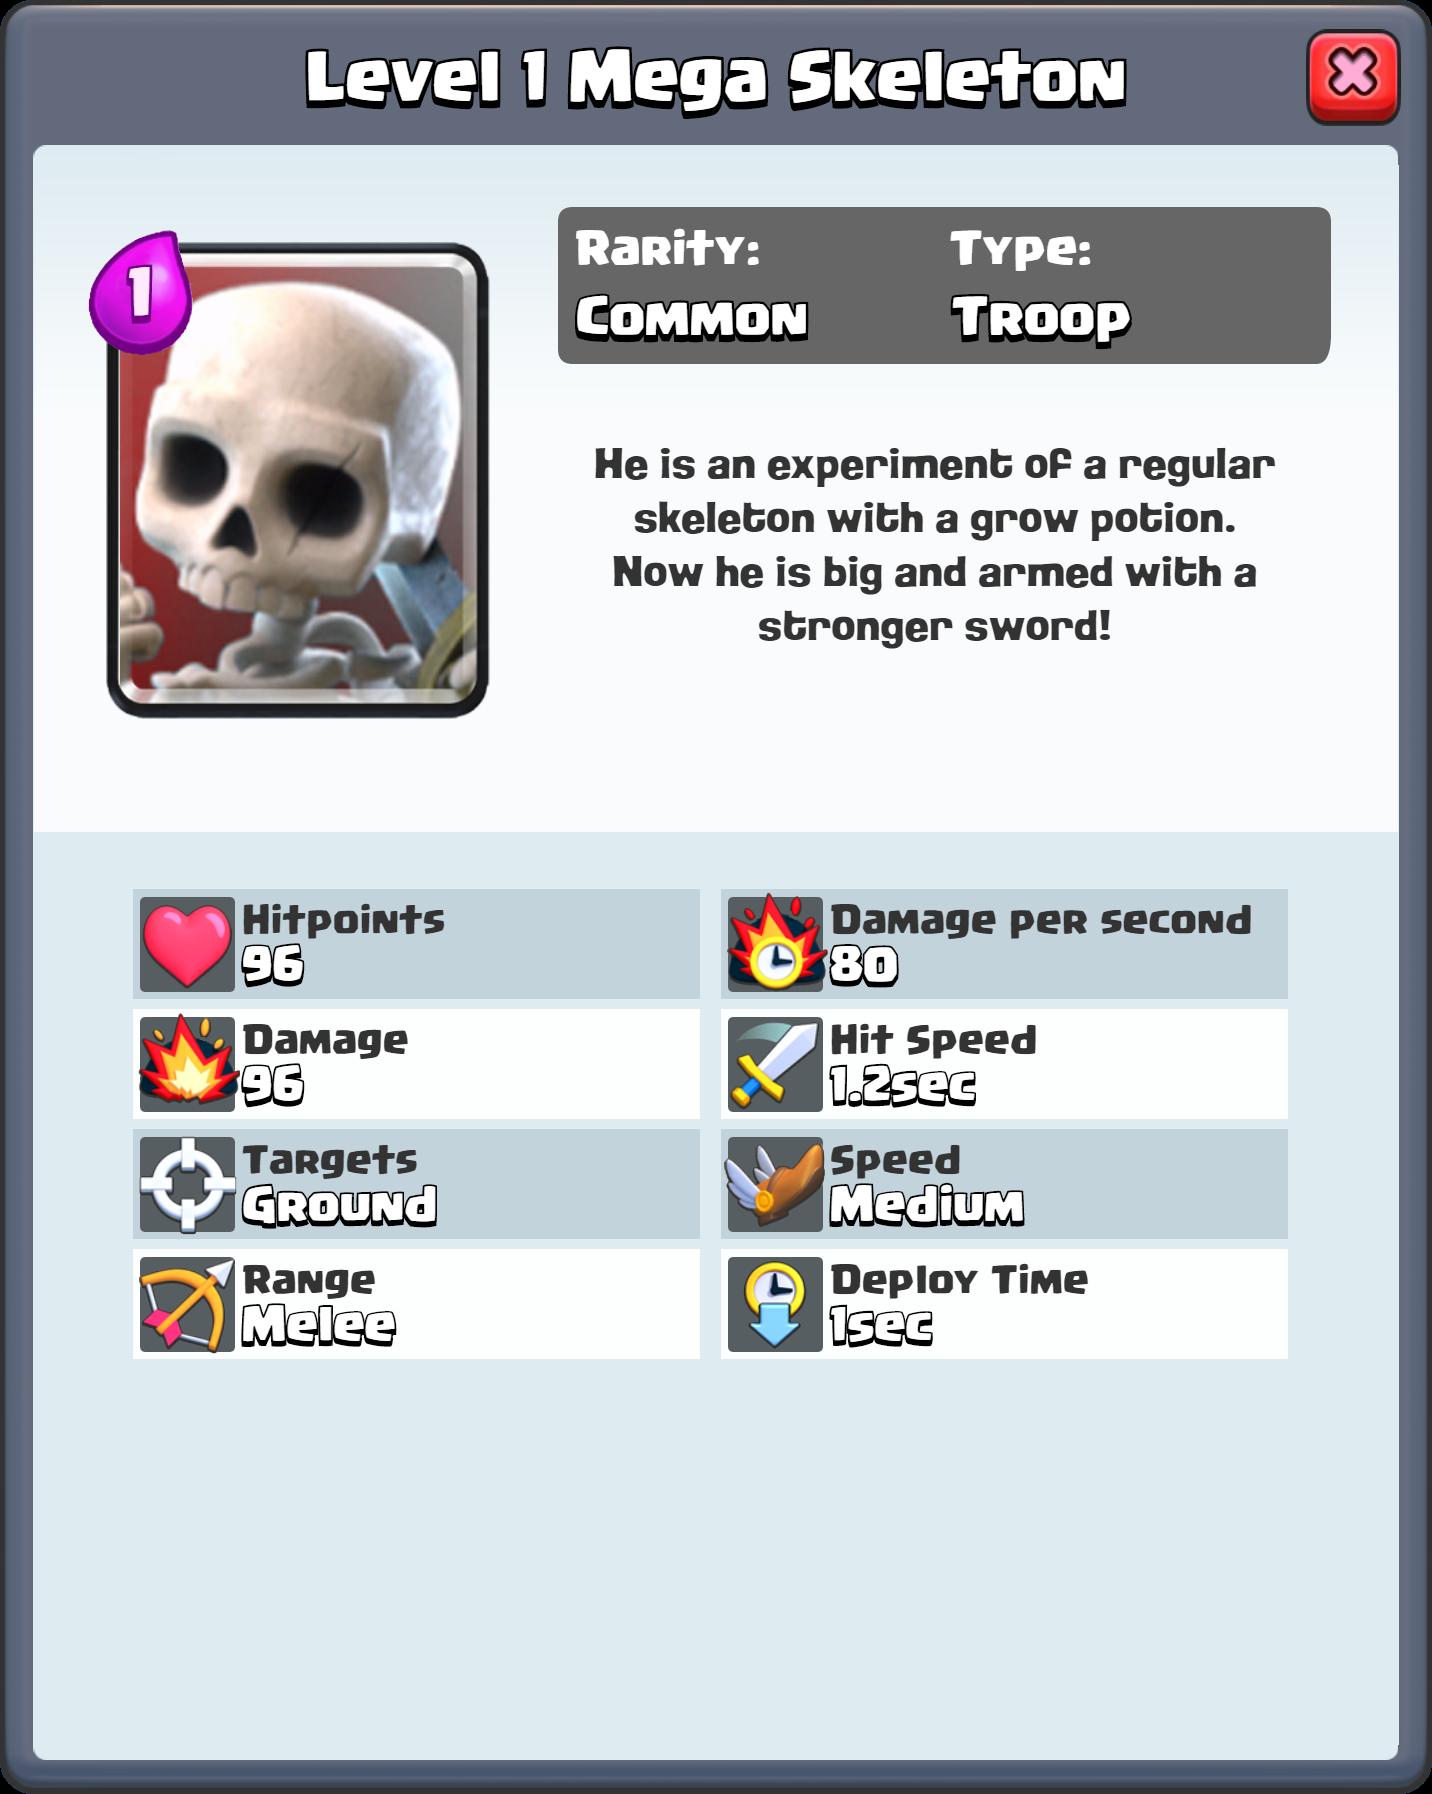 Image Level 1 Mega Skeleton Fq Png Clash Royale Wiki